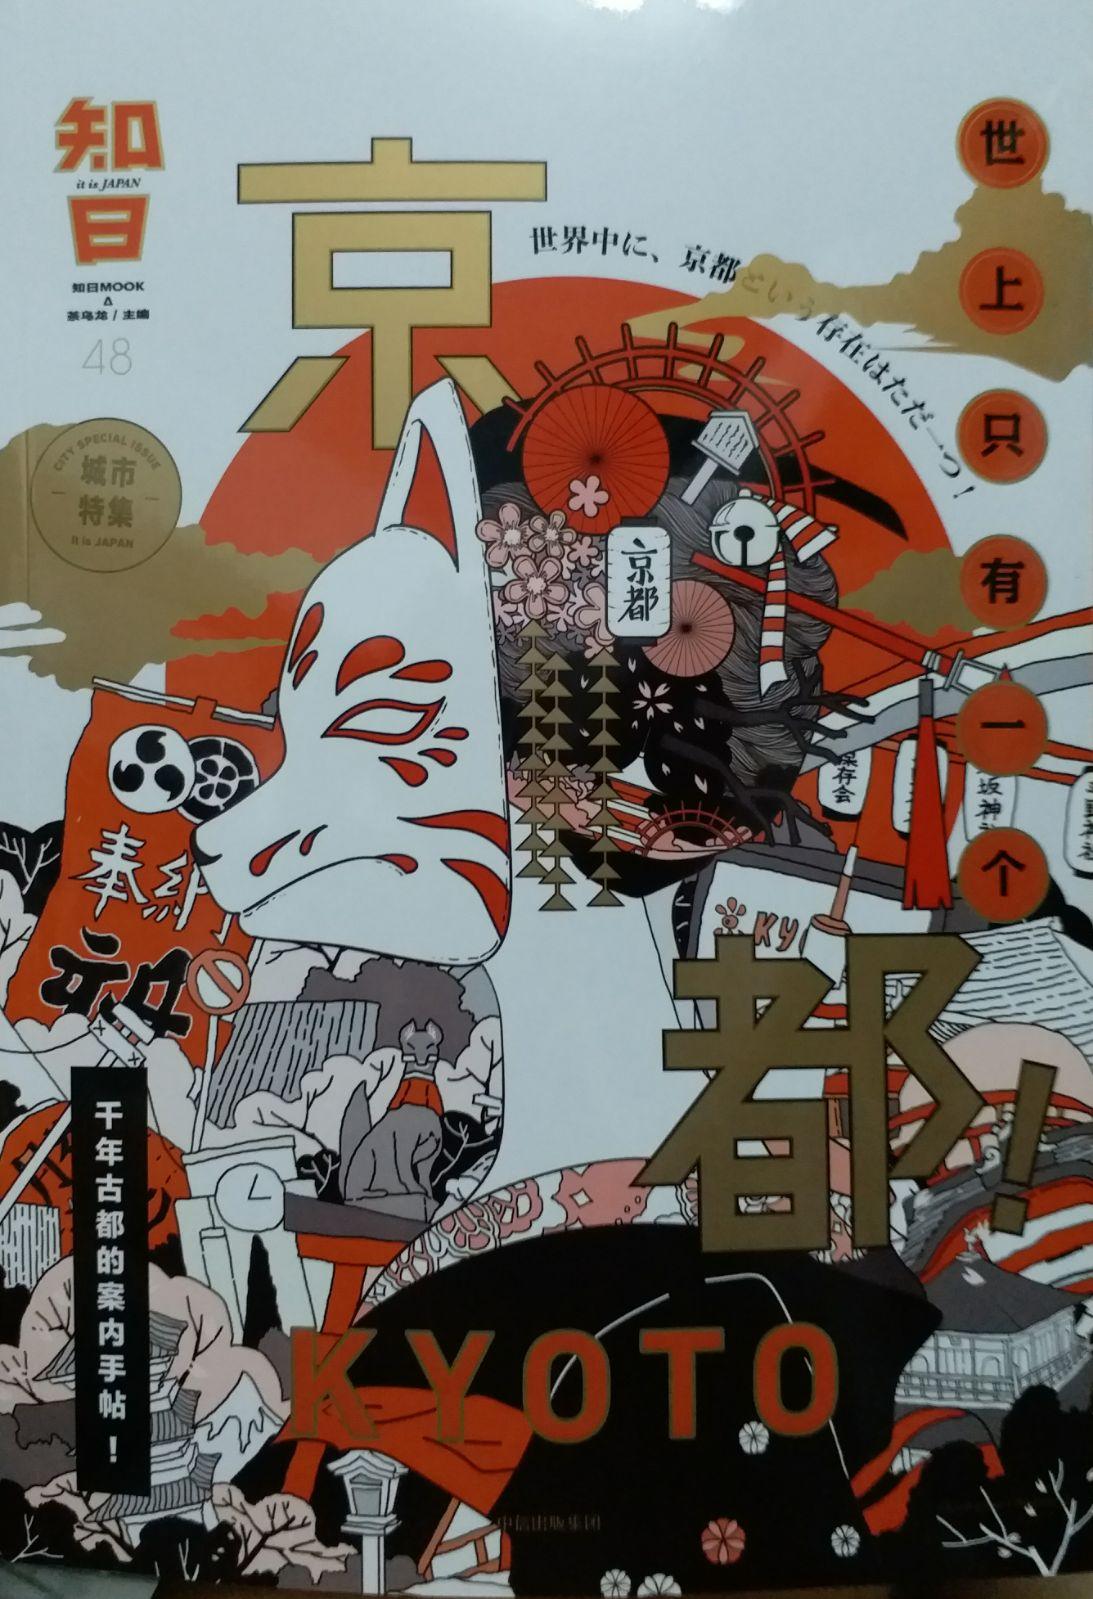 知日 48: 世上只有一个京都!